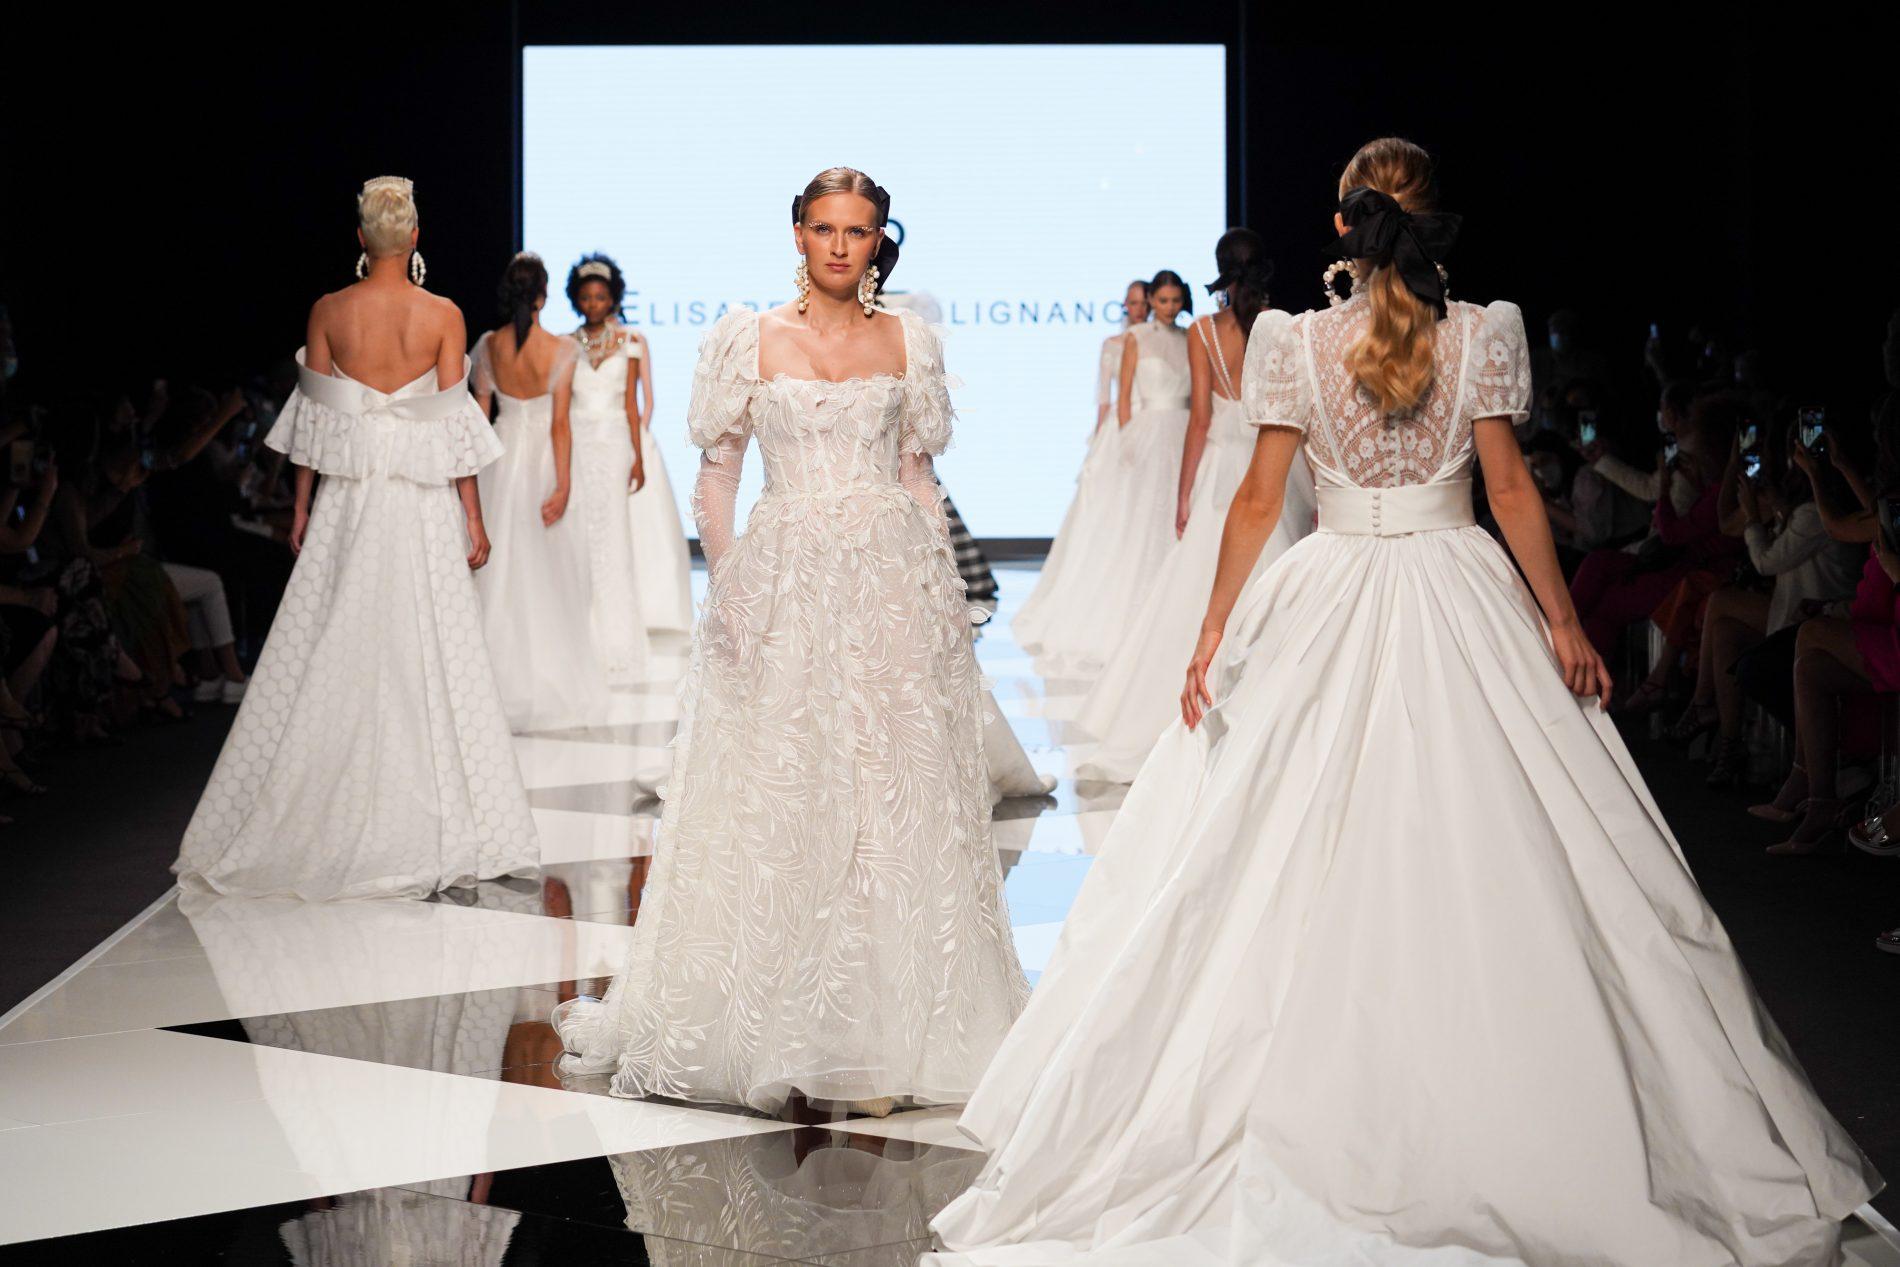 In questa foto modelle in passerella durante la parte conclusiva della sfilata di abiti da sposa Elisabetta Polignano 2022